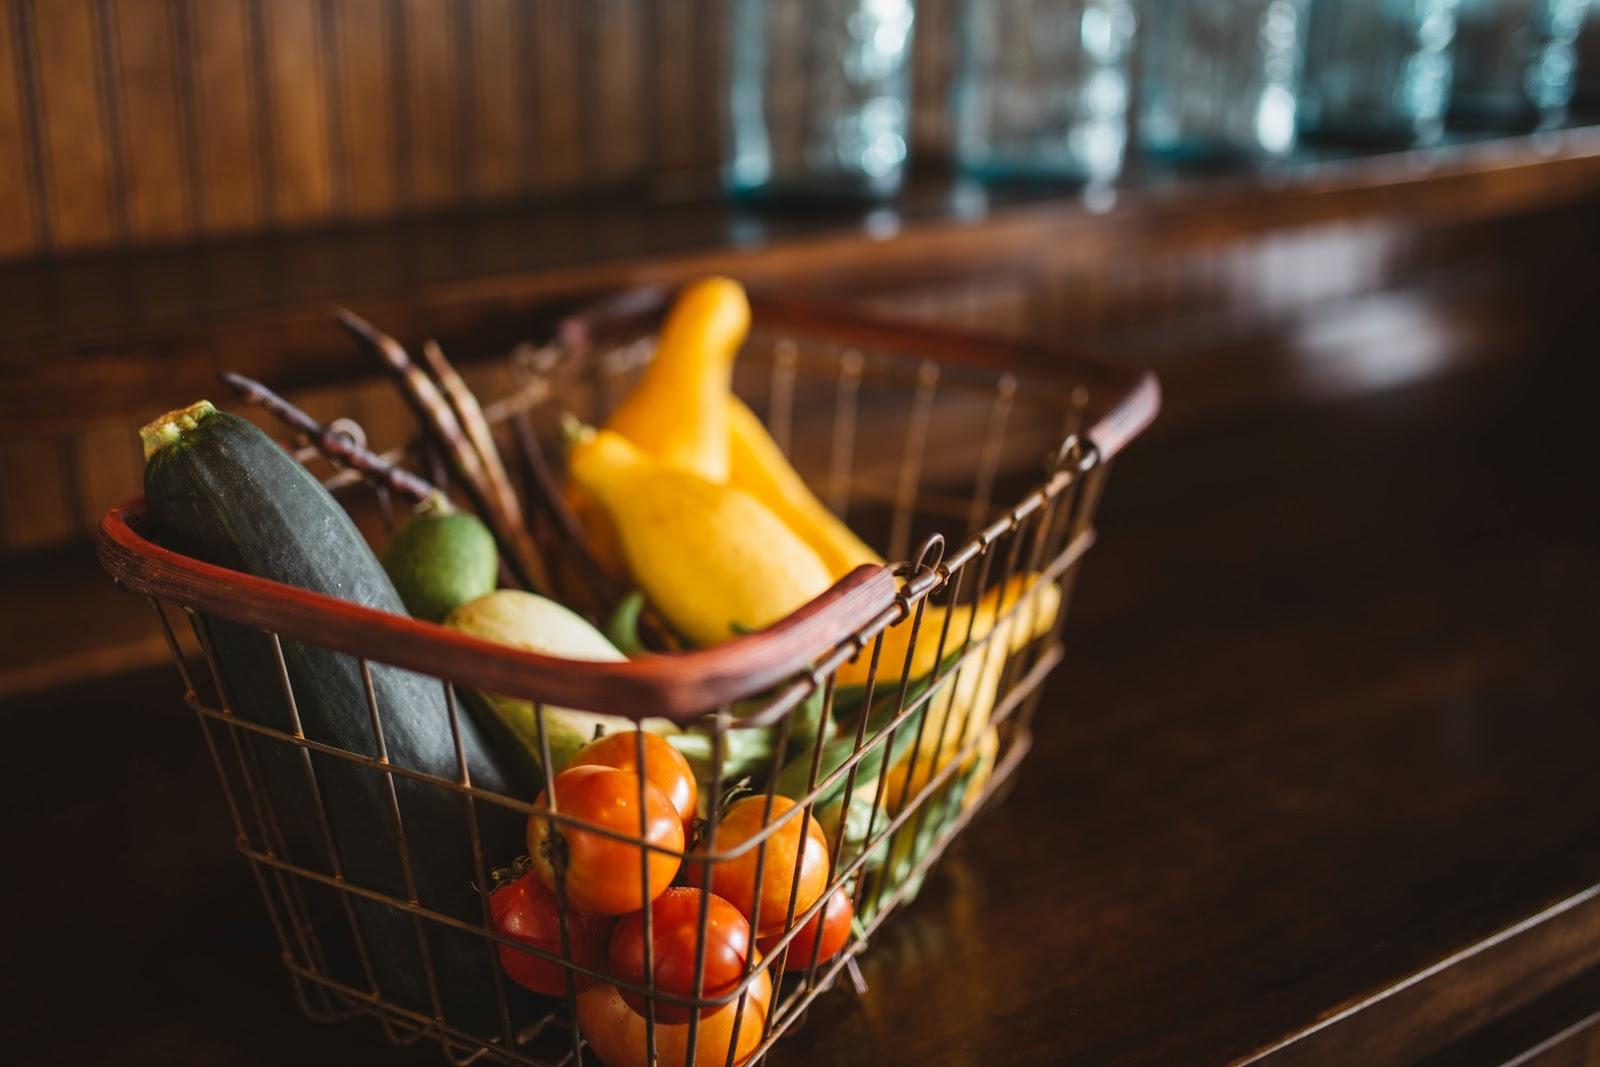 Sparen beim Einkaufen von Lebensmitteln | Spartipps | Geld sparen | Tipps fürs Sparen | Sparen im Alltag (2)